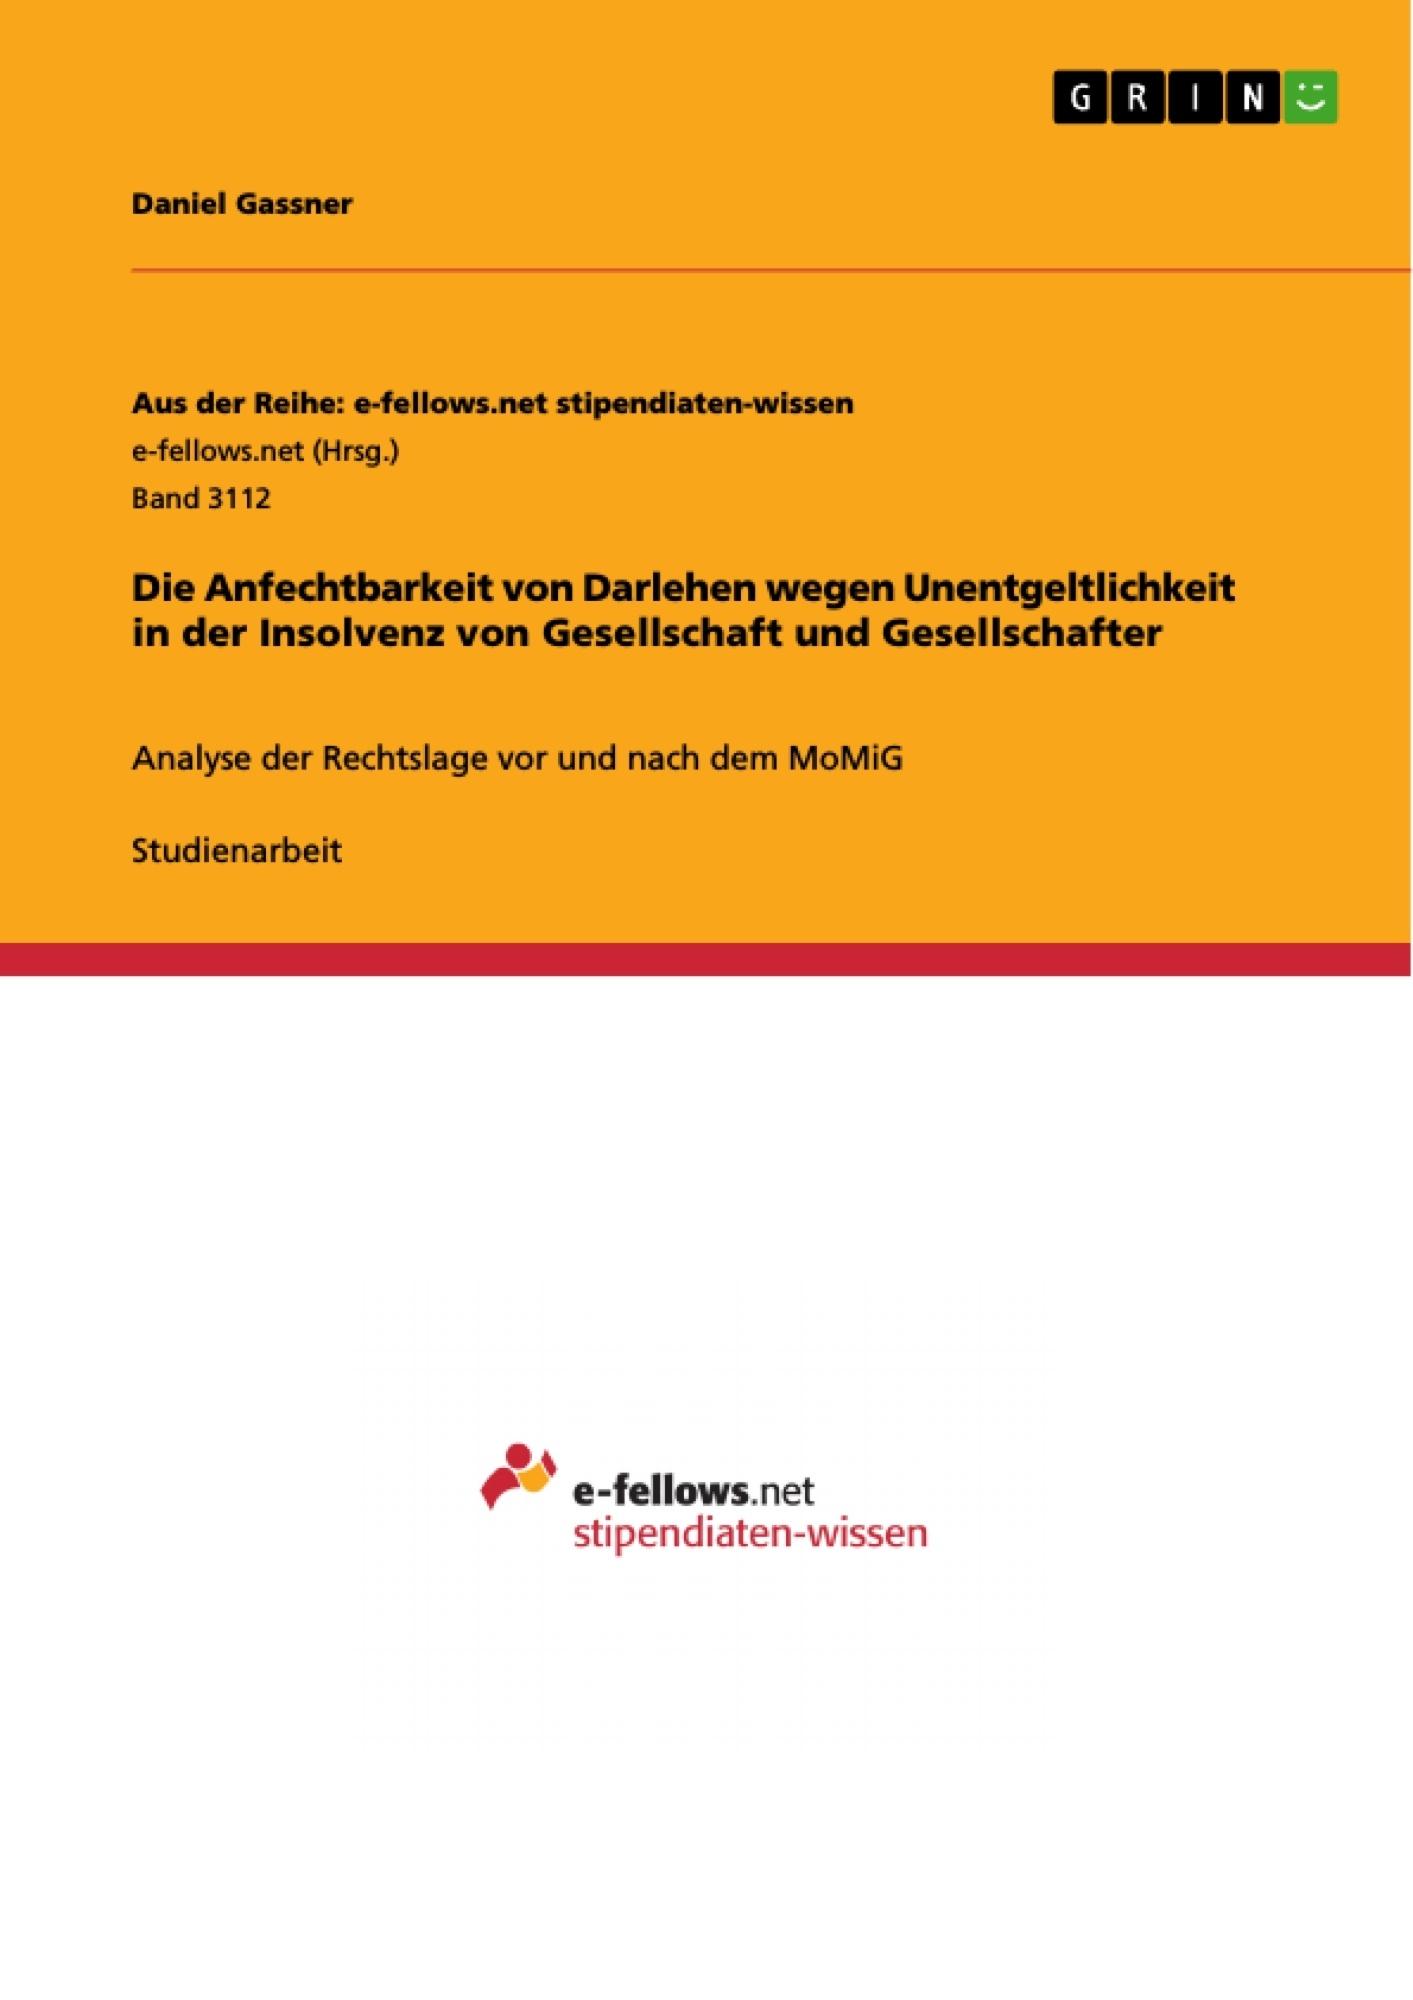 Titel: Die Anfechtbarkeit von Darlehen wegen Unentgeltlichkeit in der Insolvenz von Gesellschaft und Gesellschafter